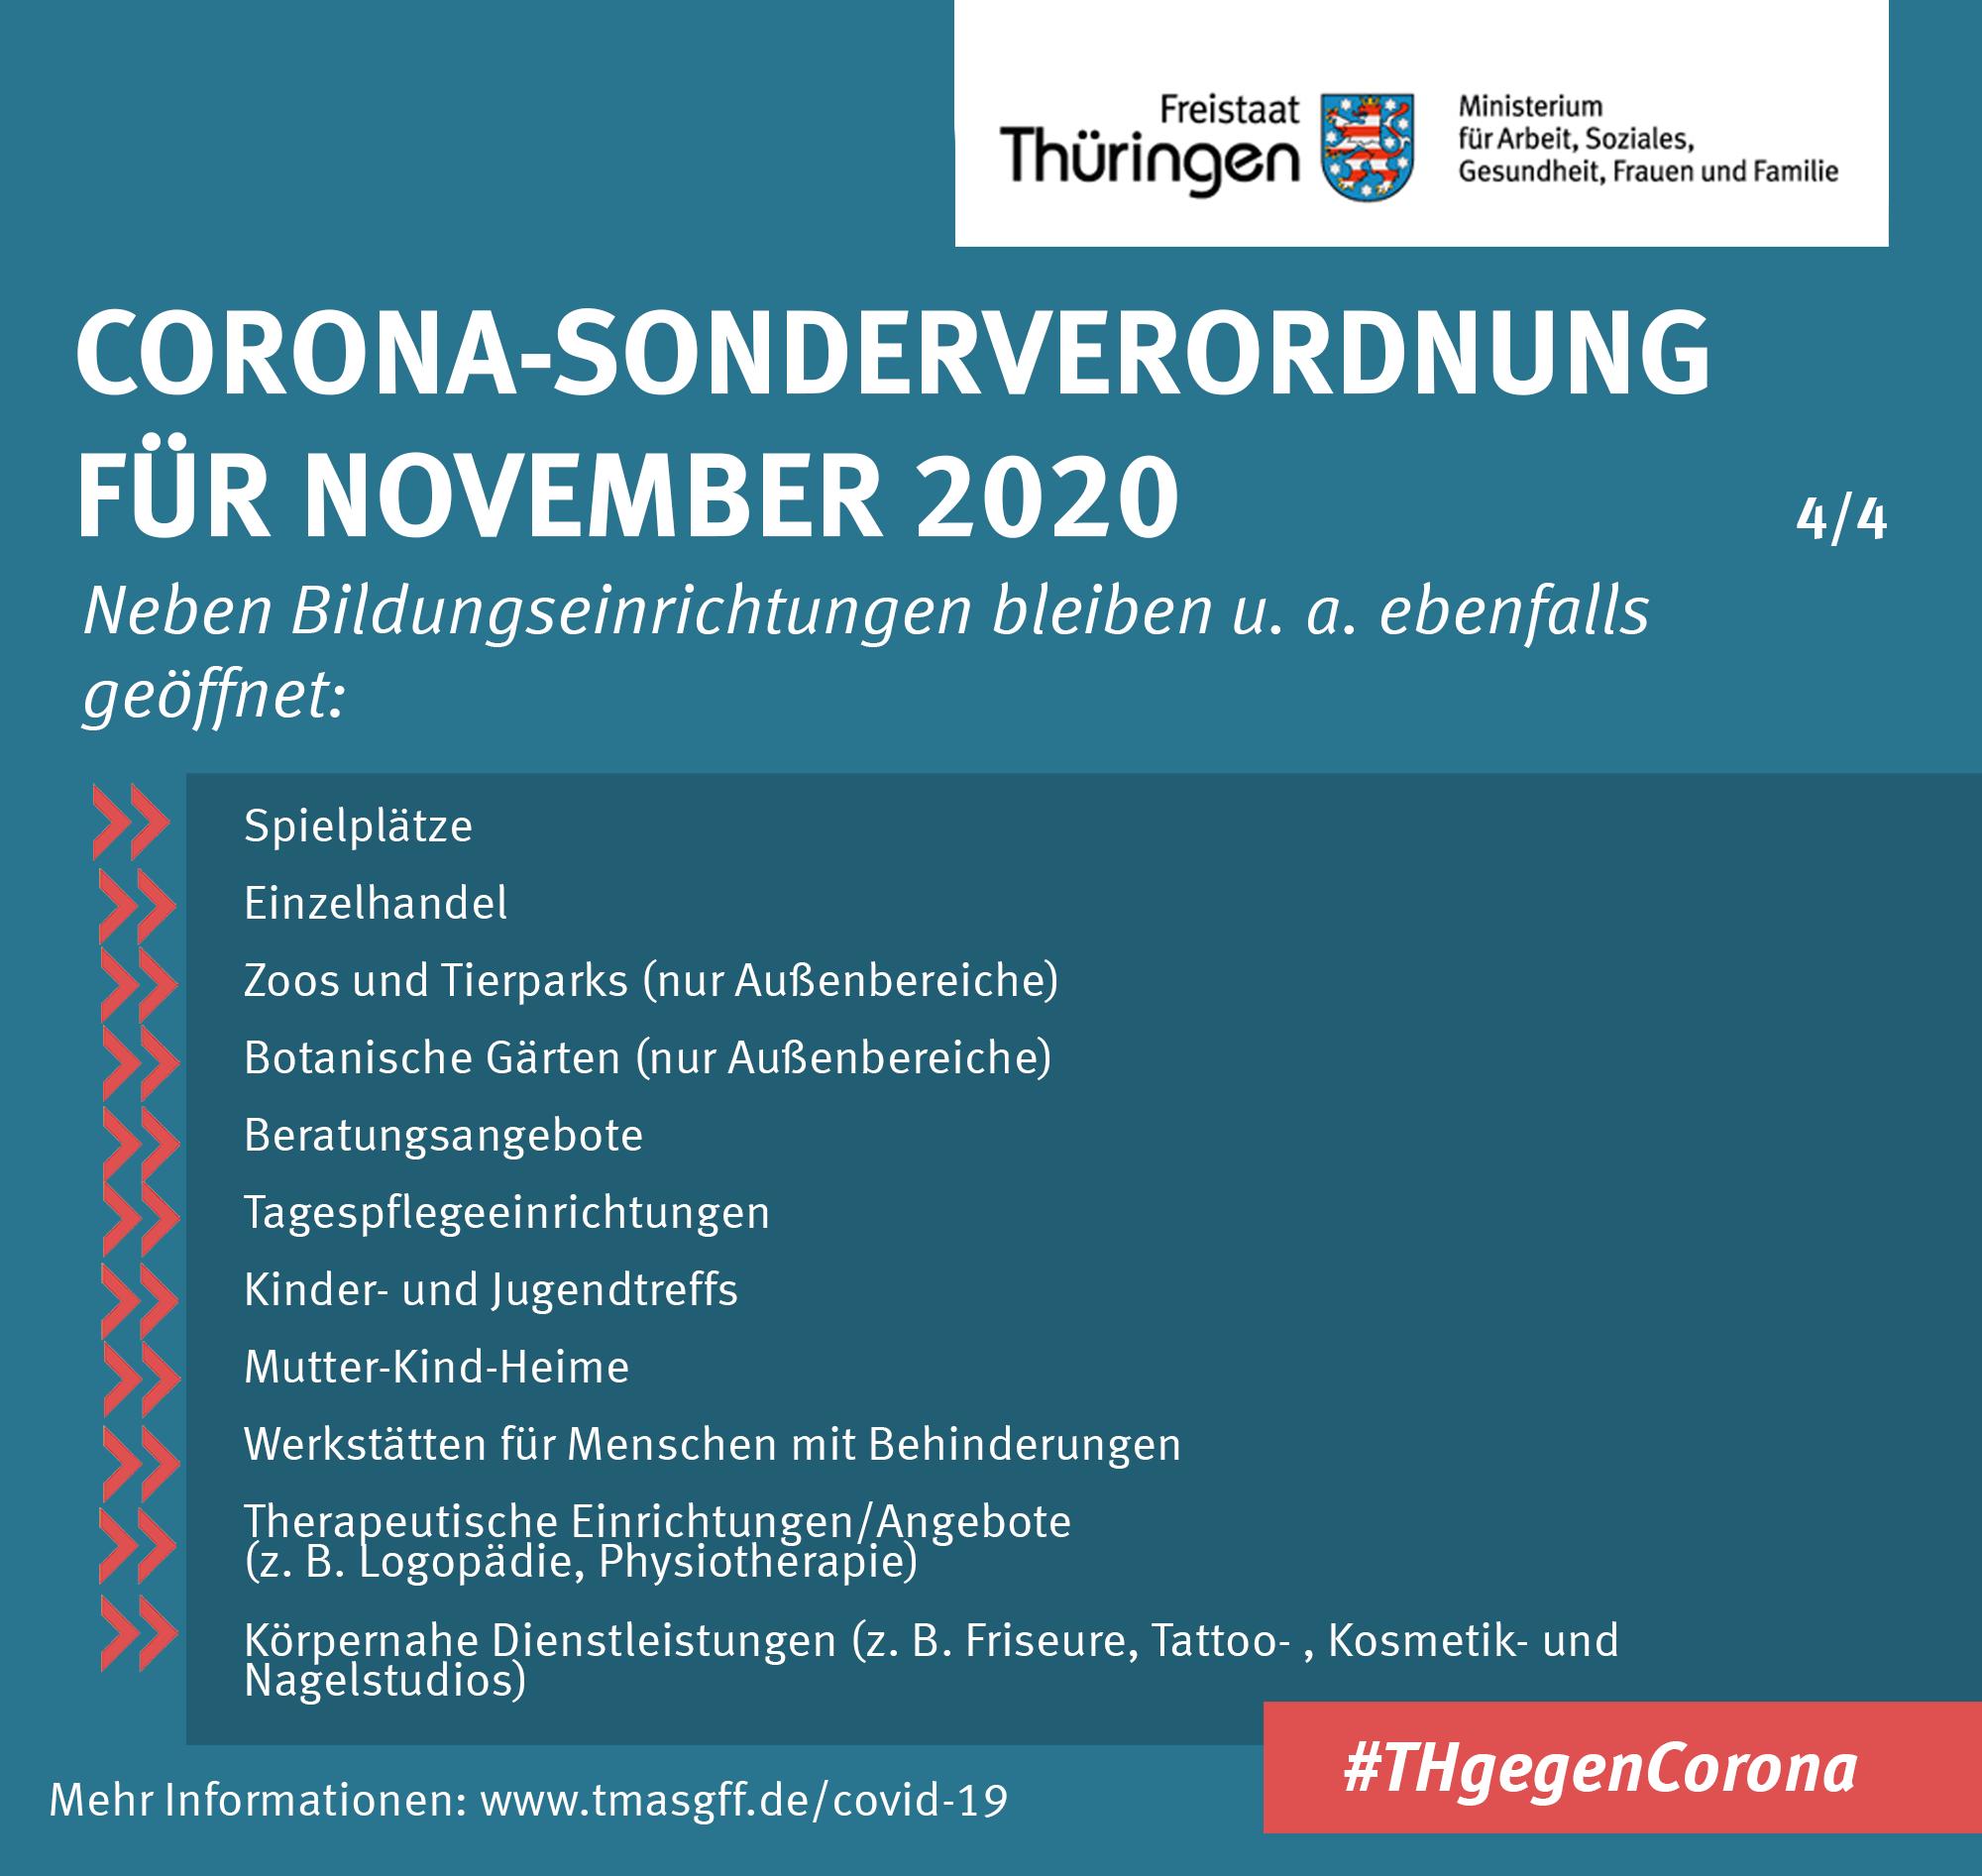 Zusammenfassung Corona-Sonderverordnung November 2020 4/4